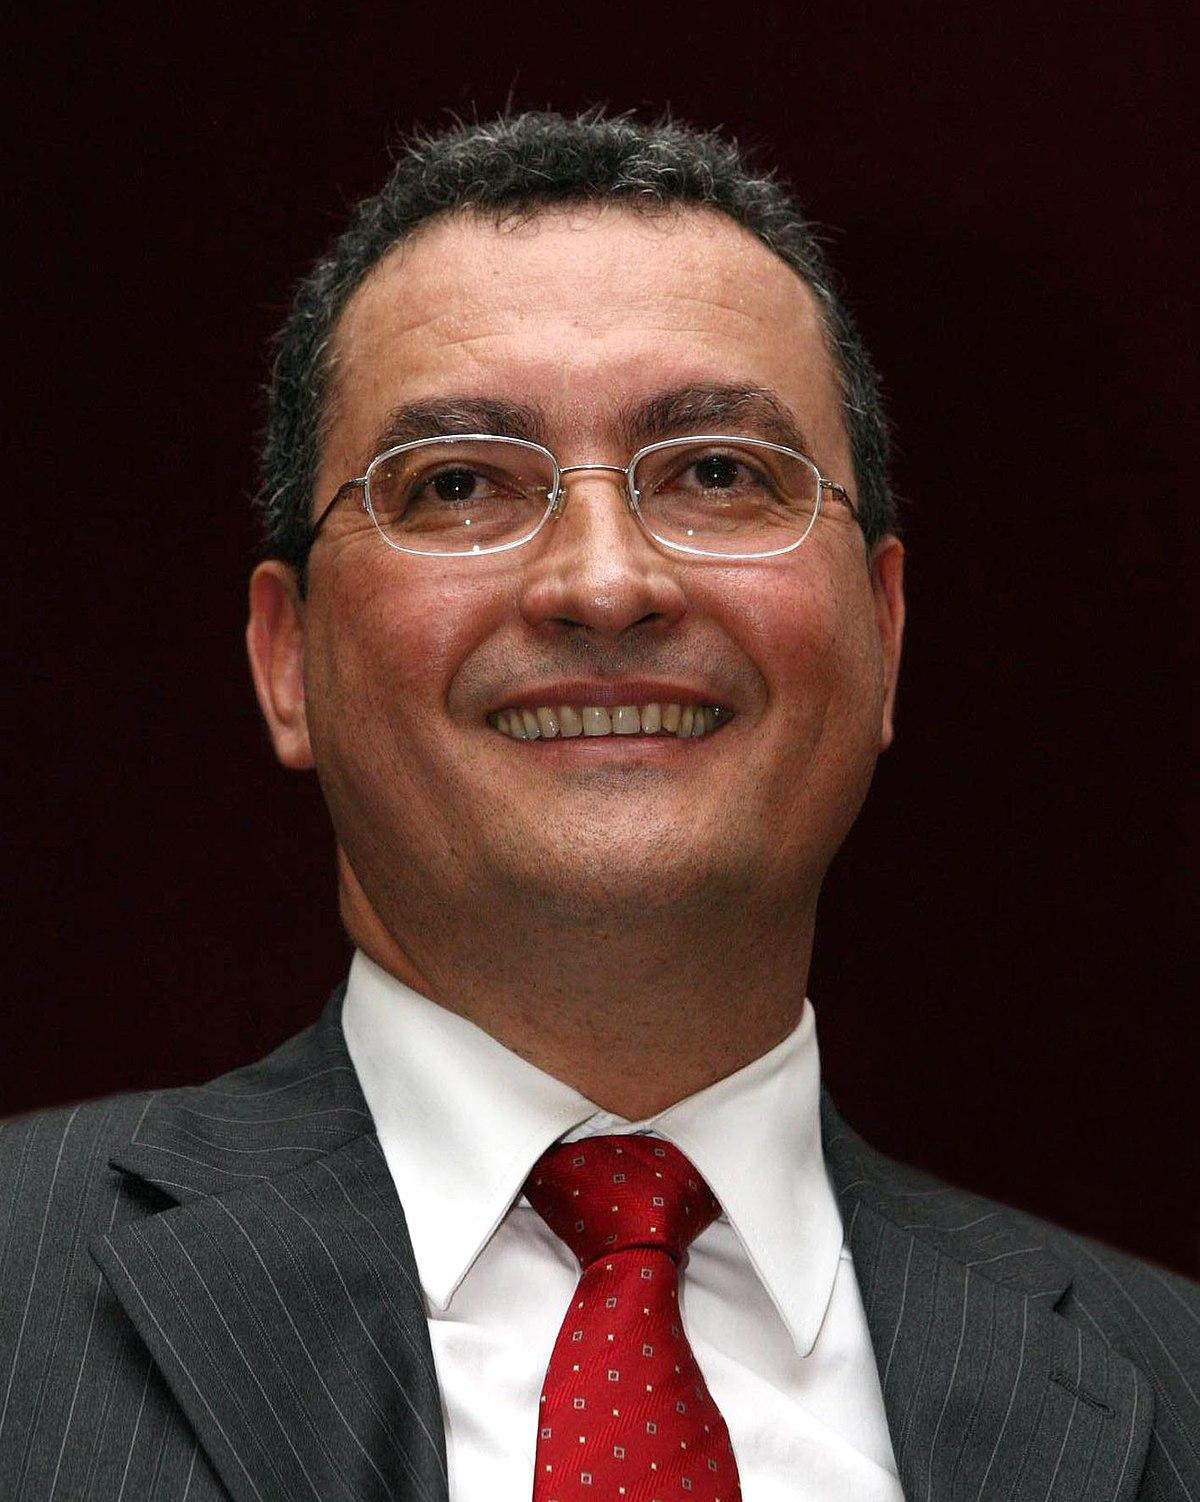 Rui Costa politician